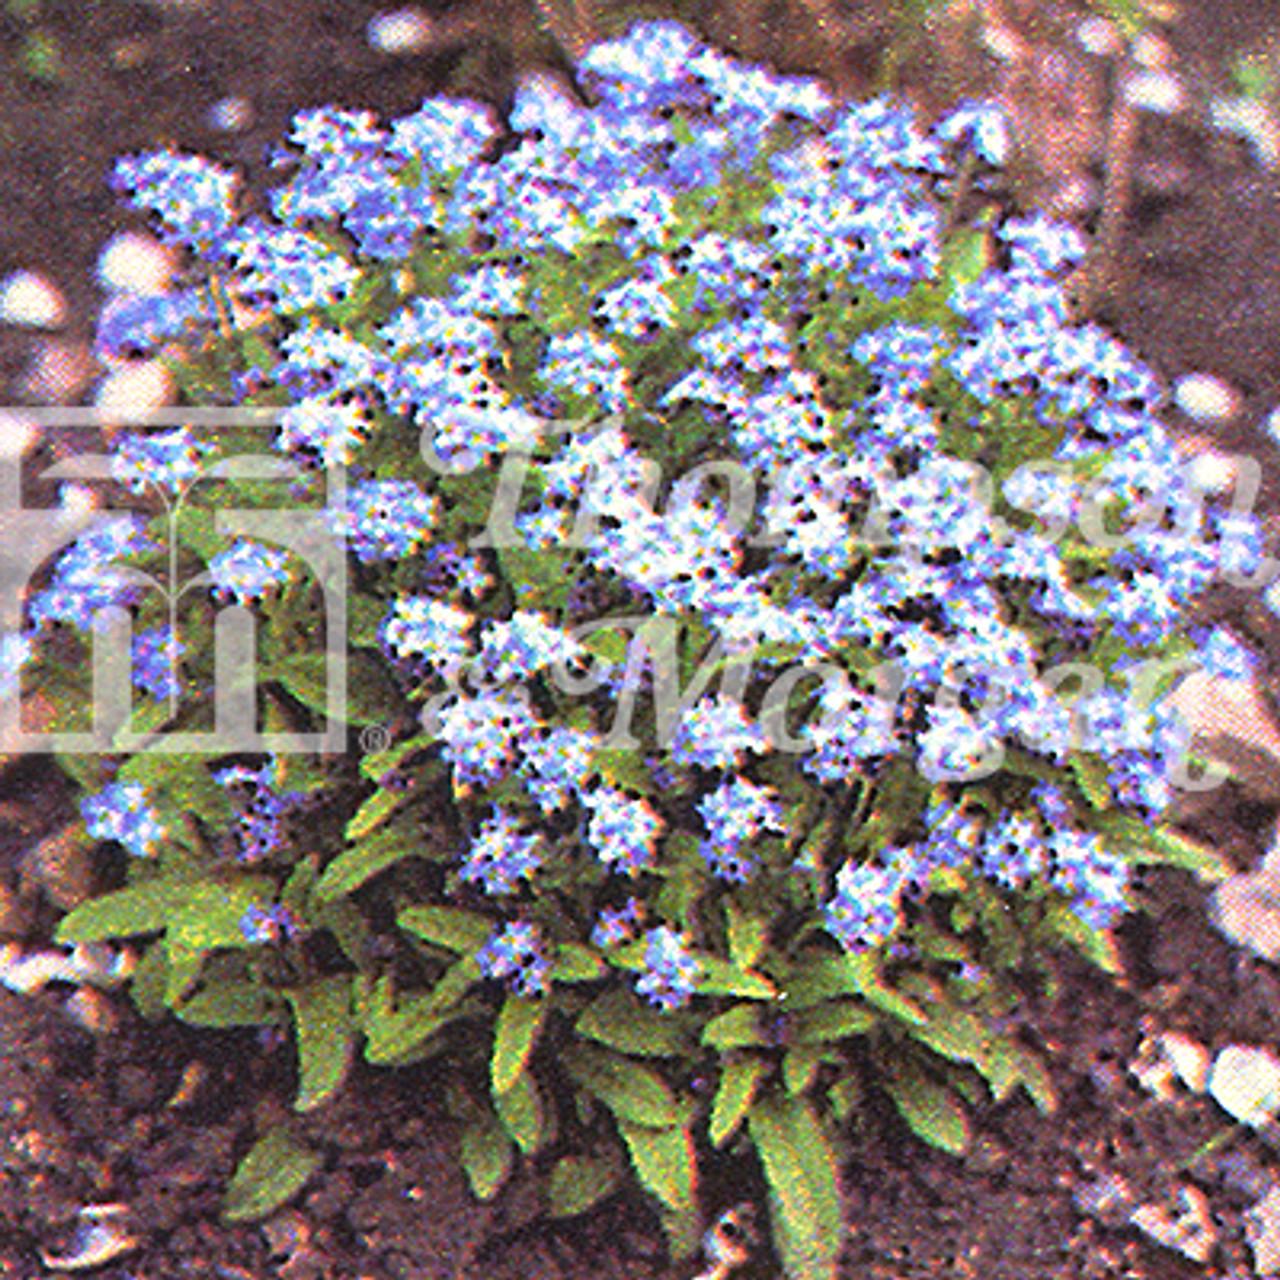 Forget Me Not Blue Ball Myosotis Mr Middleton Garden Shop